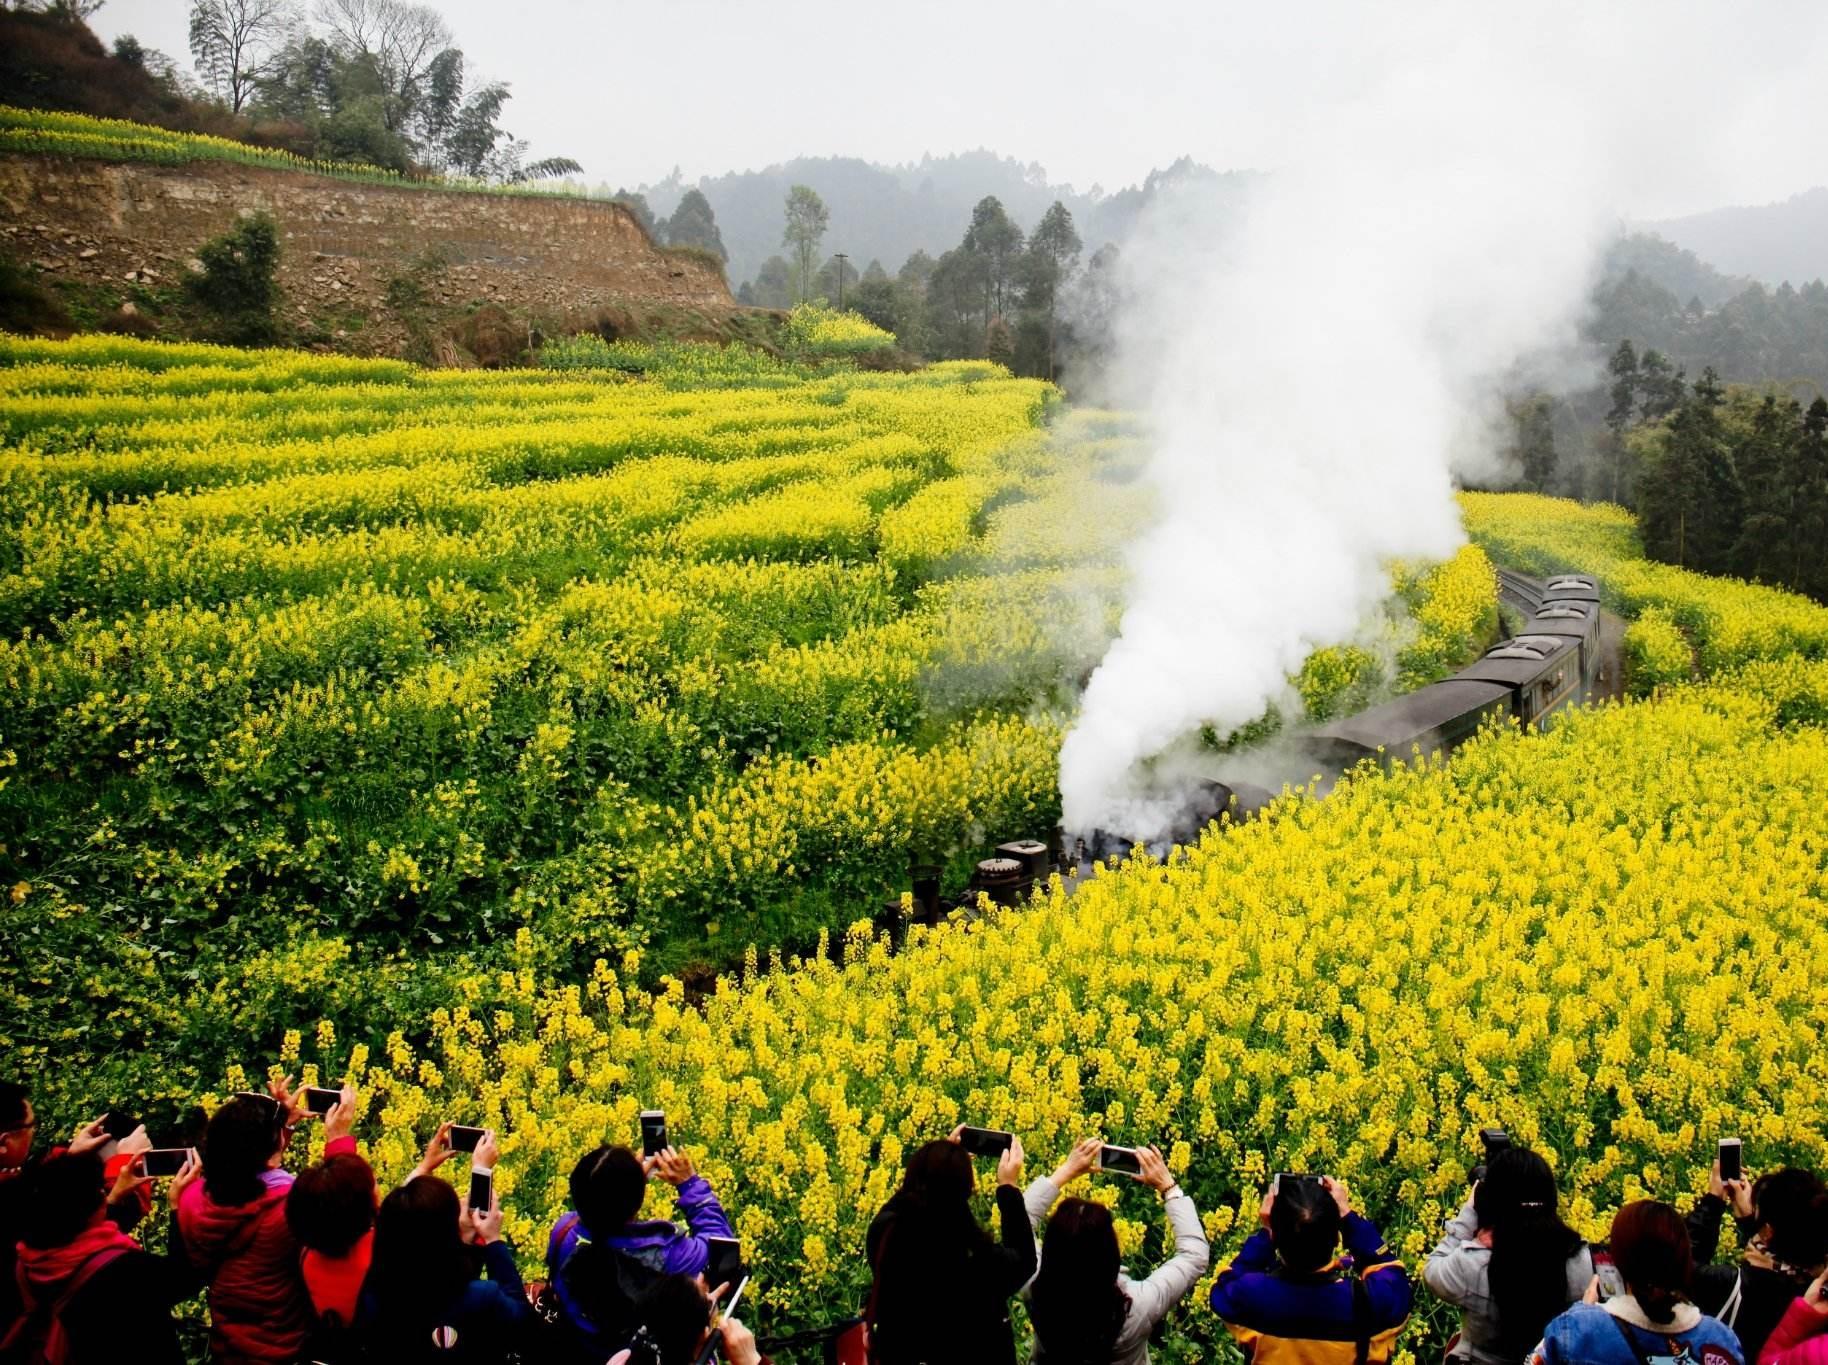 3月16号号乐山嘉阳小火车一日徒步摄影